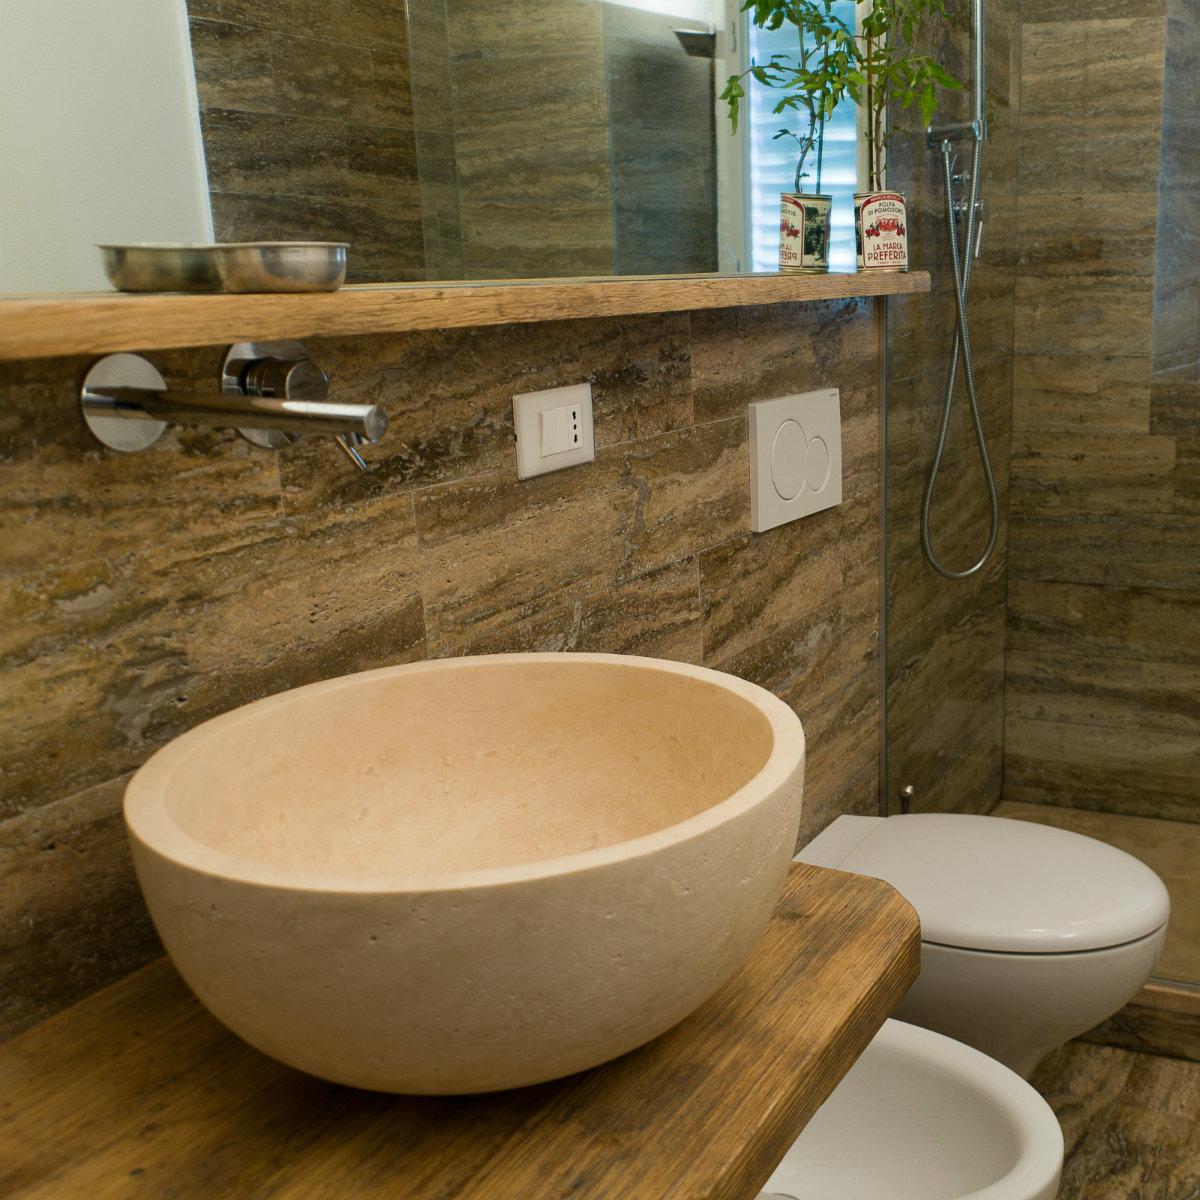 Bagno Grigio Minimal Con Lavabo Interior Design : Bagno beige e grigio design casa creativa mobili